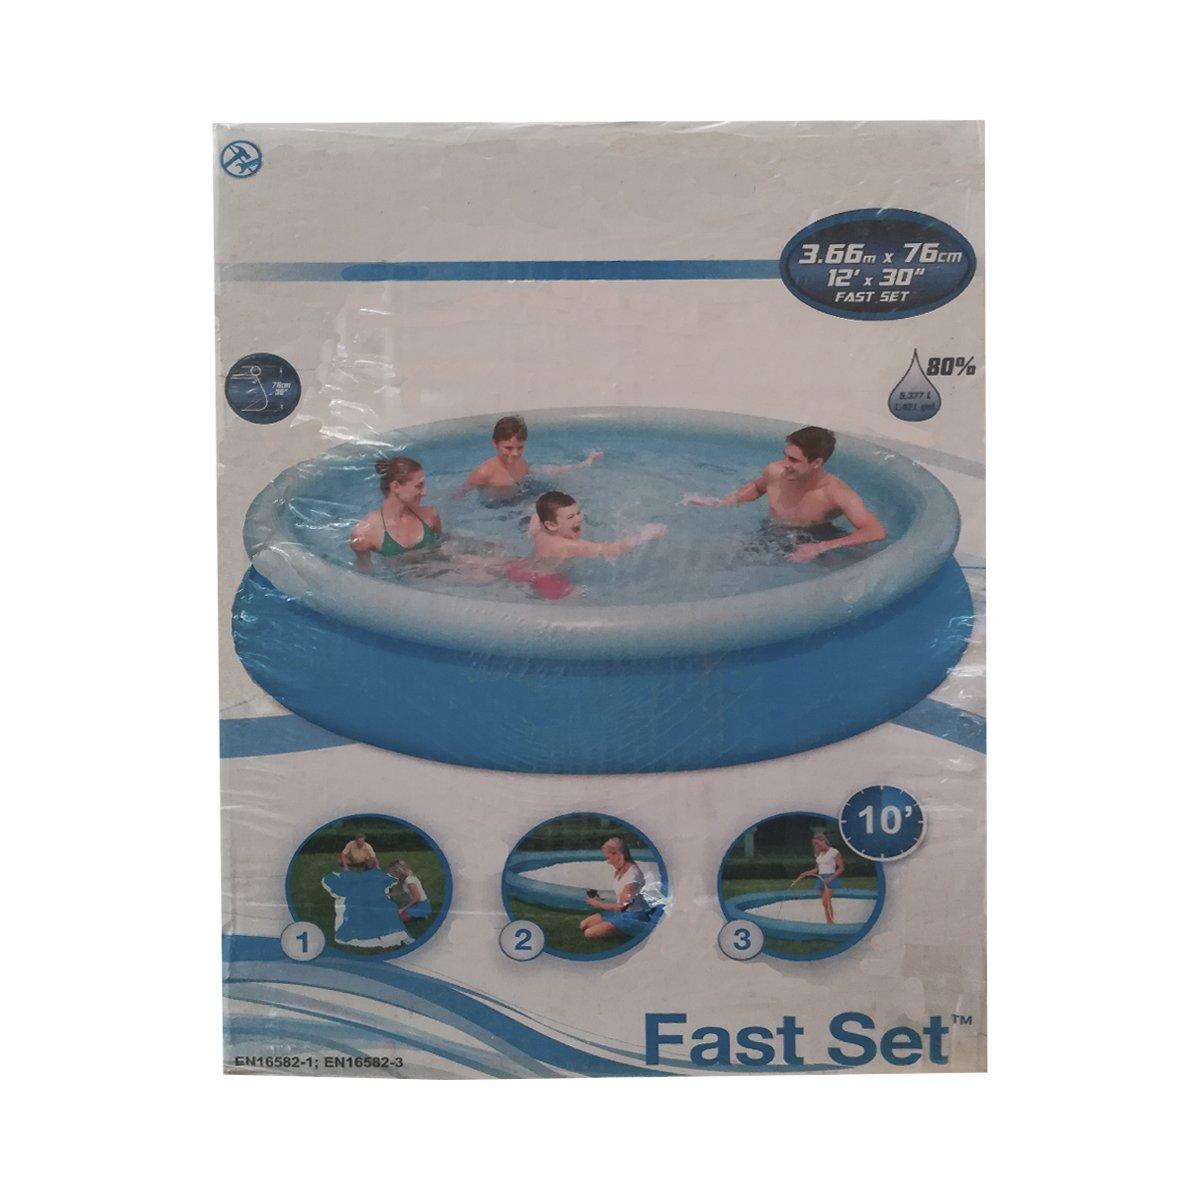 Dabuty Online, S.L. Piscina hinchable easy set medidas 366 x 76 cm. Capacidad 5.621 litros: Amazon.es: Hogar